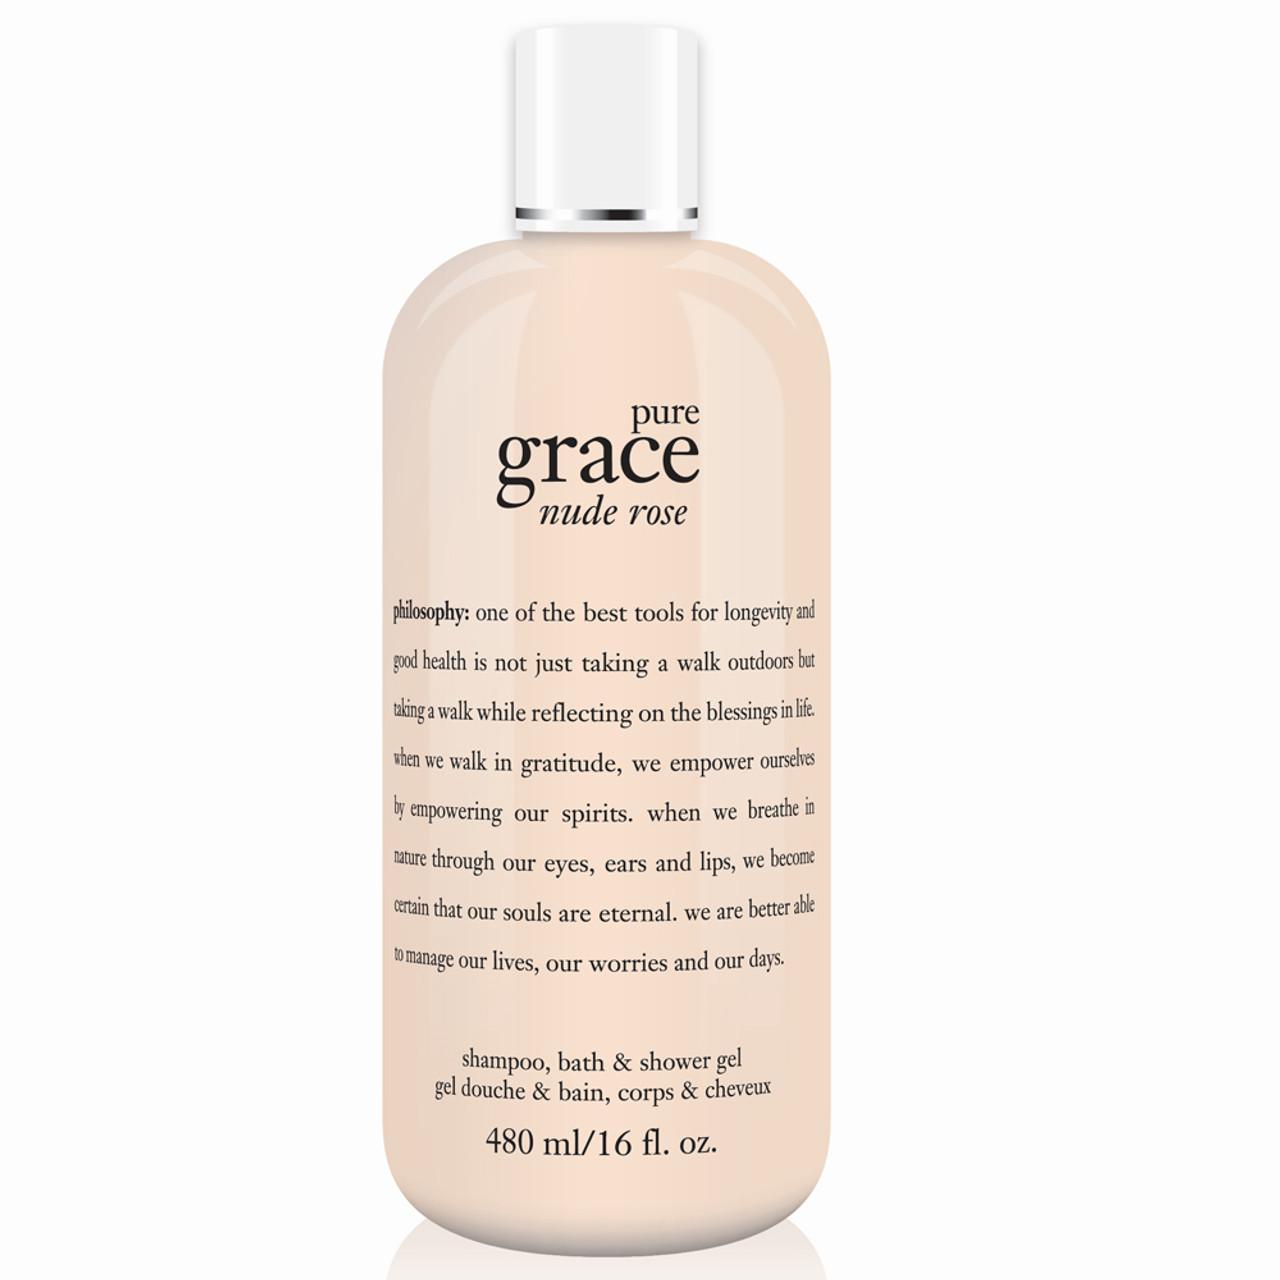 philosophy Pure Grace Nude Rose Shower Gel BeautifiedYou.com